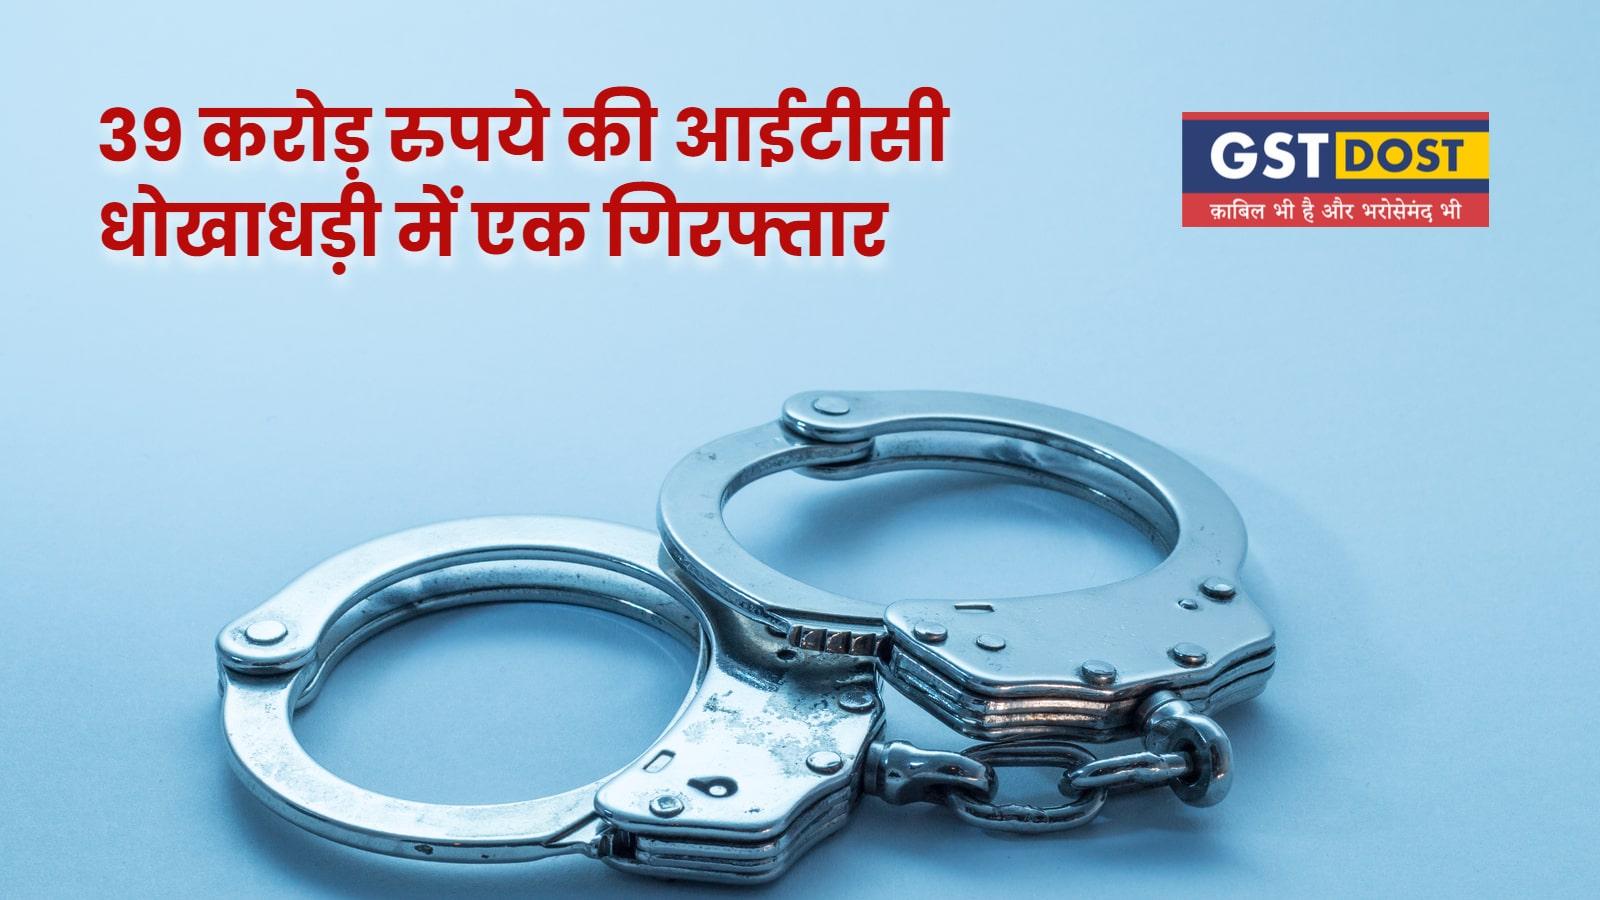 39 करोड़ रुपये की आईटीसी धोखाधड़ी में एक गिरफ्तार